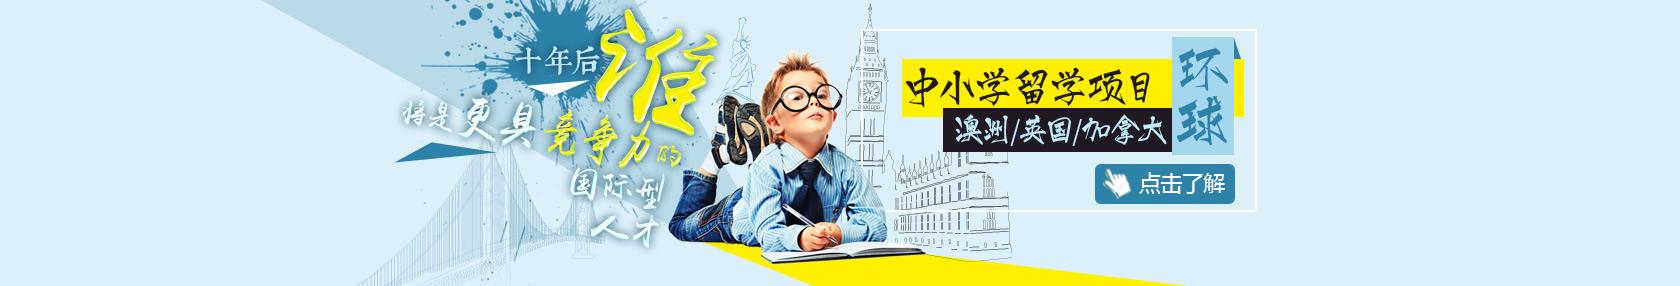 【环球移民】澳洲、英国、加拿大中小学留学项目咨询火热预约申请中